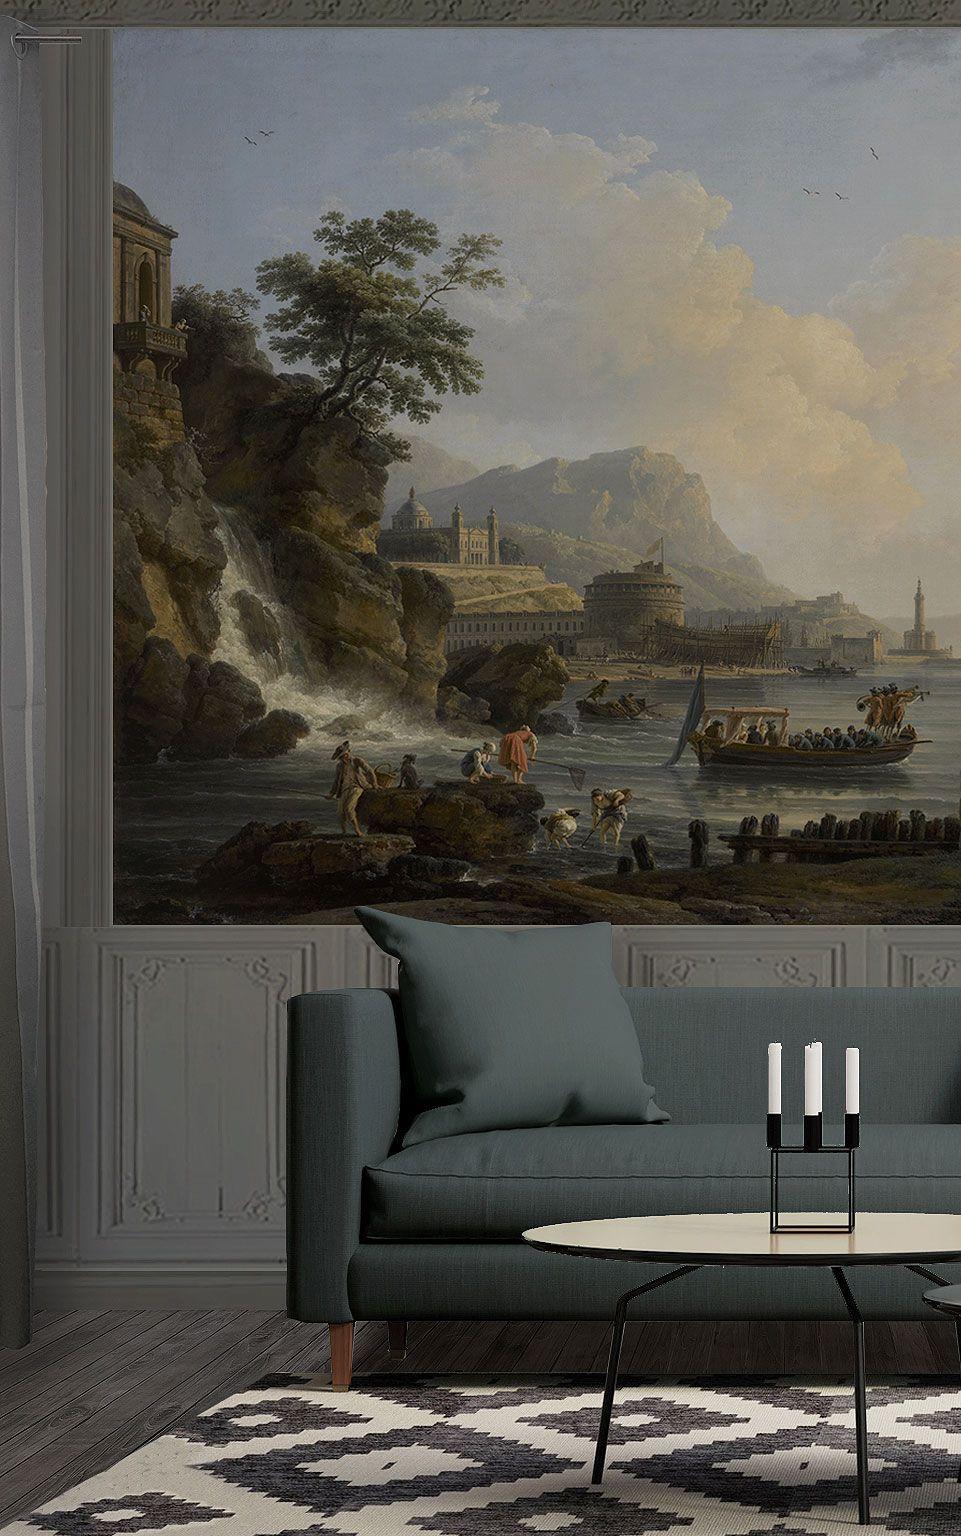 Papier Peint Panoramique Paysage papier peint panoramique réalisé d'après l'oeuvre de joseph